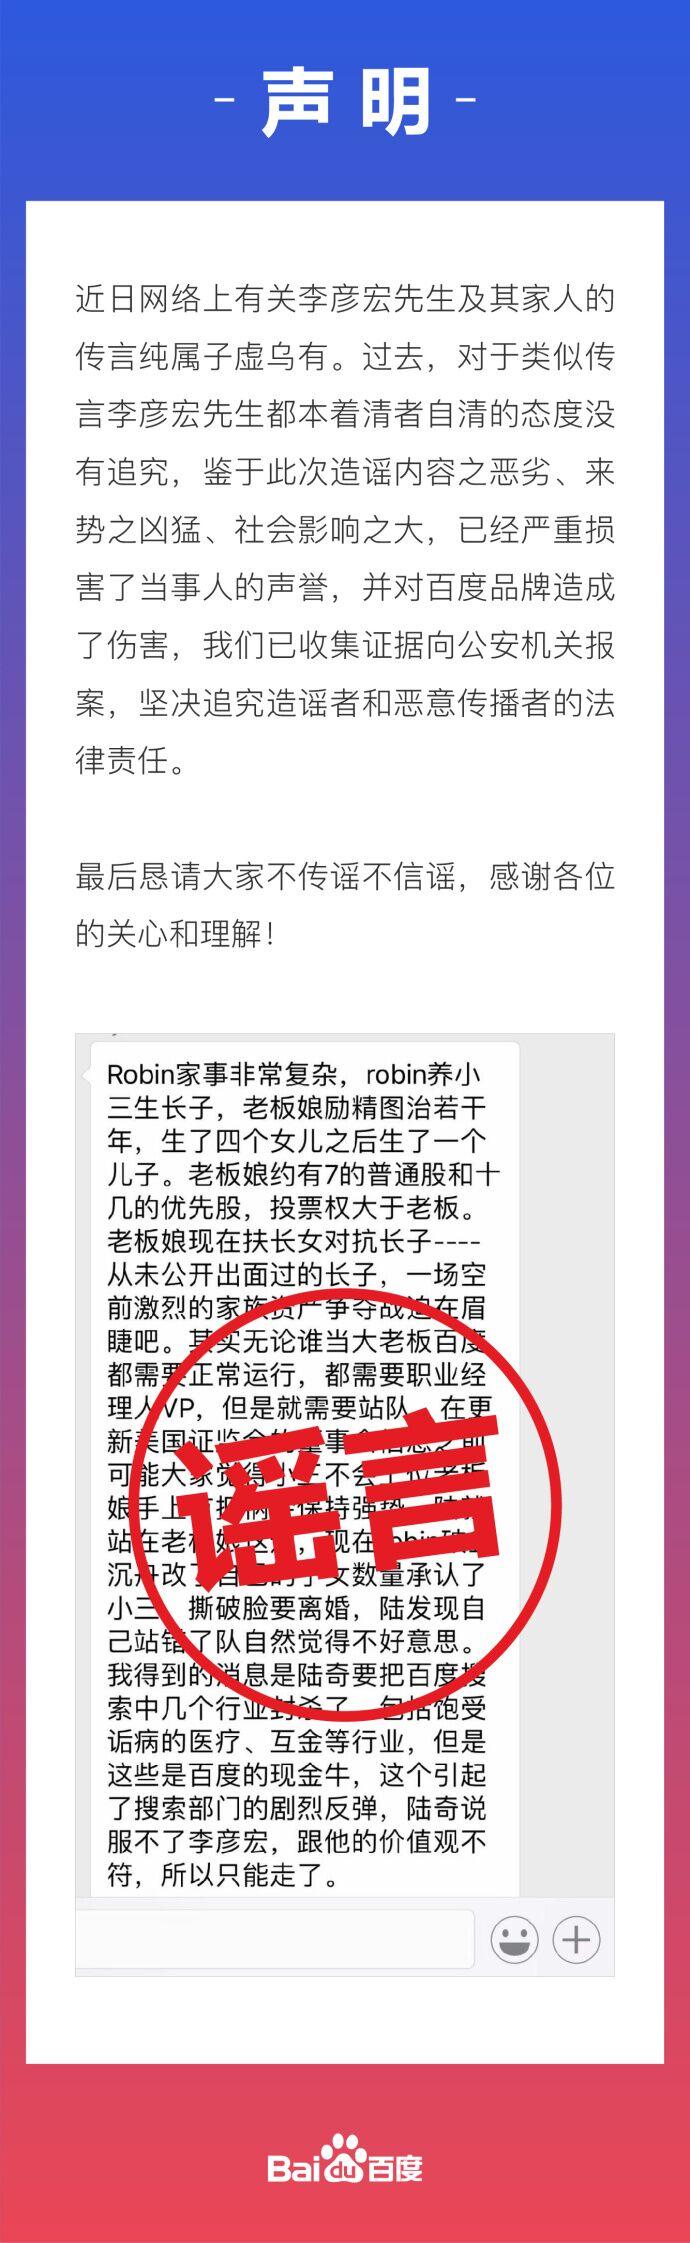 """百度辟谣""""李彦宏小三""""传闻 称已经向公安部门报案"""